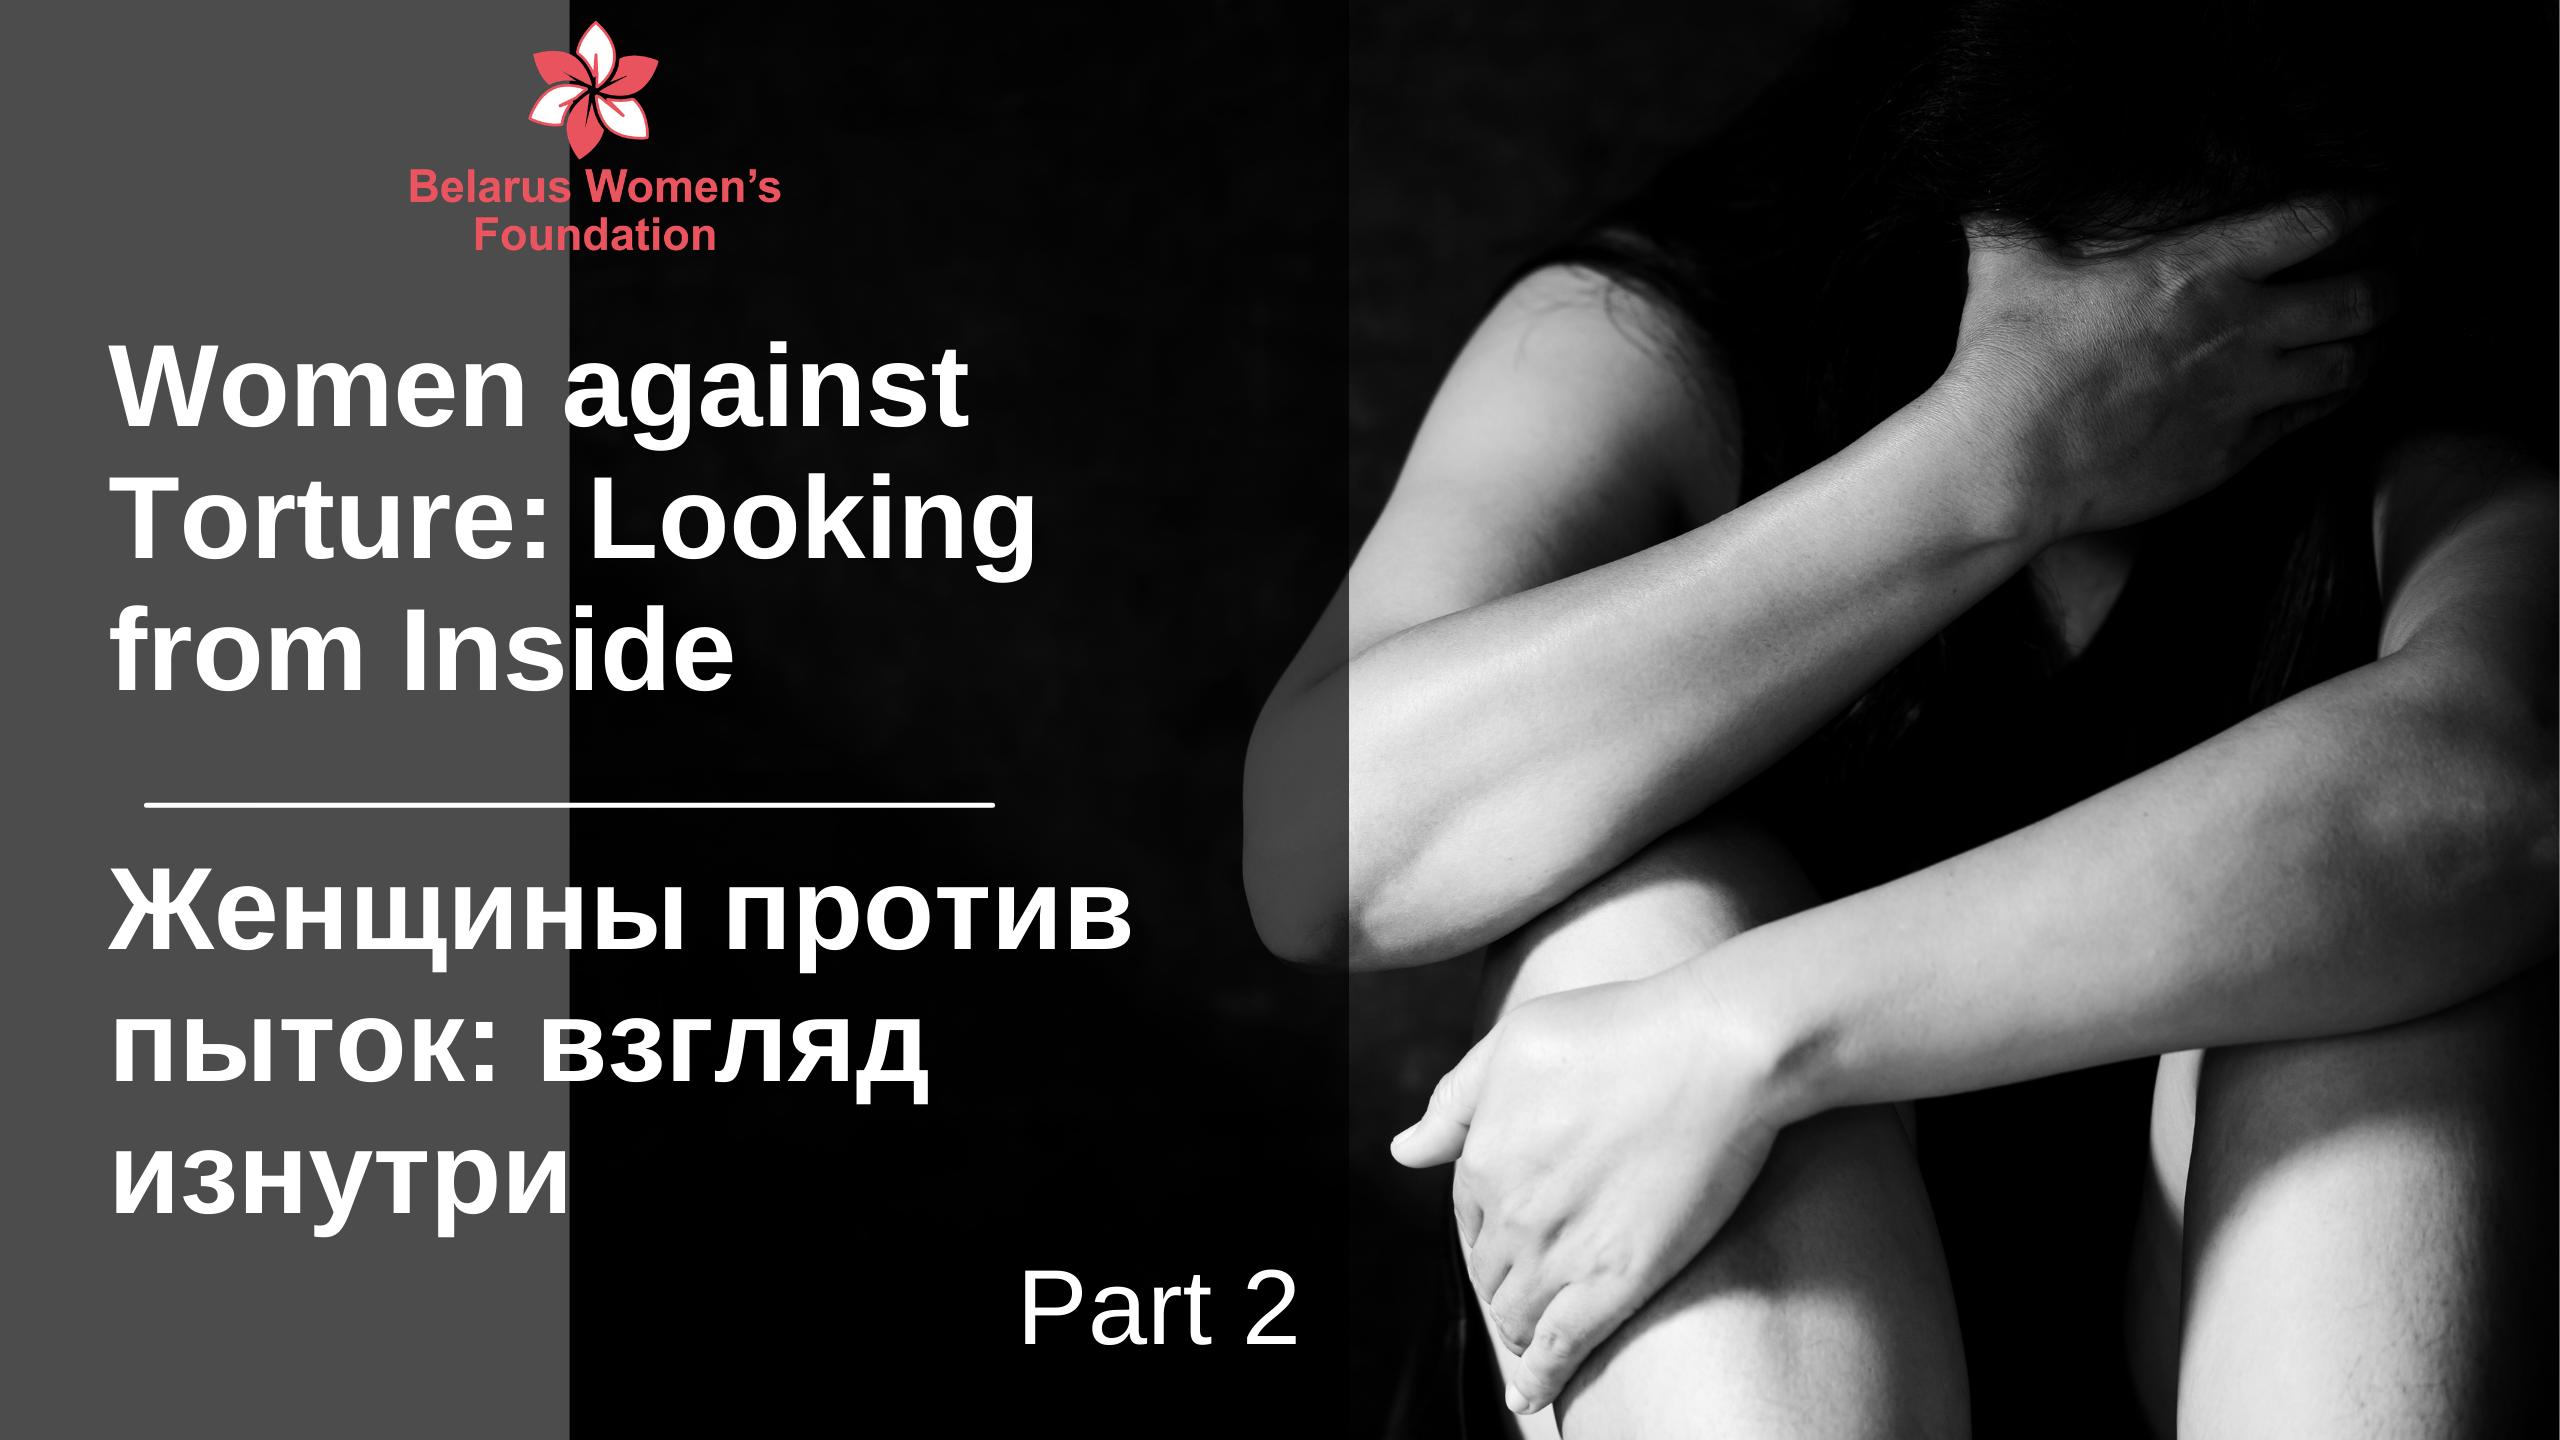 Женщины против пыток. Условия содержания в беларуских тюрьмах.